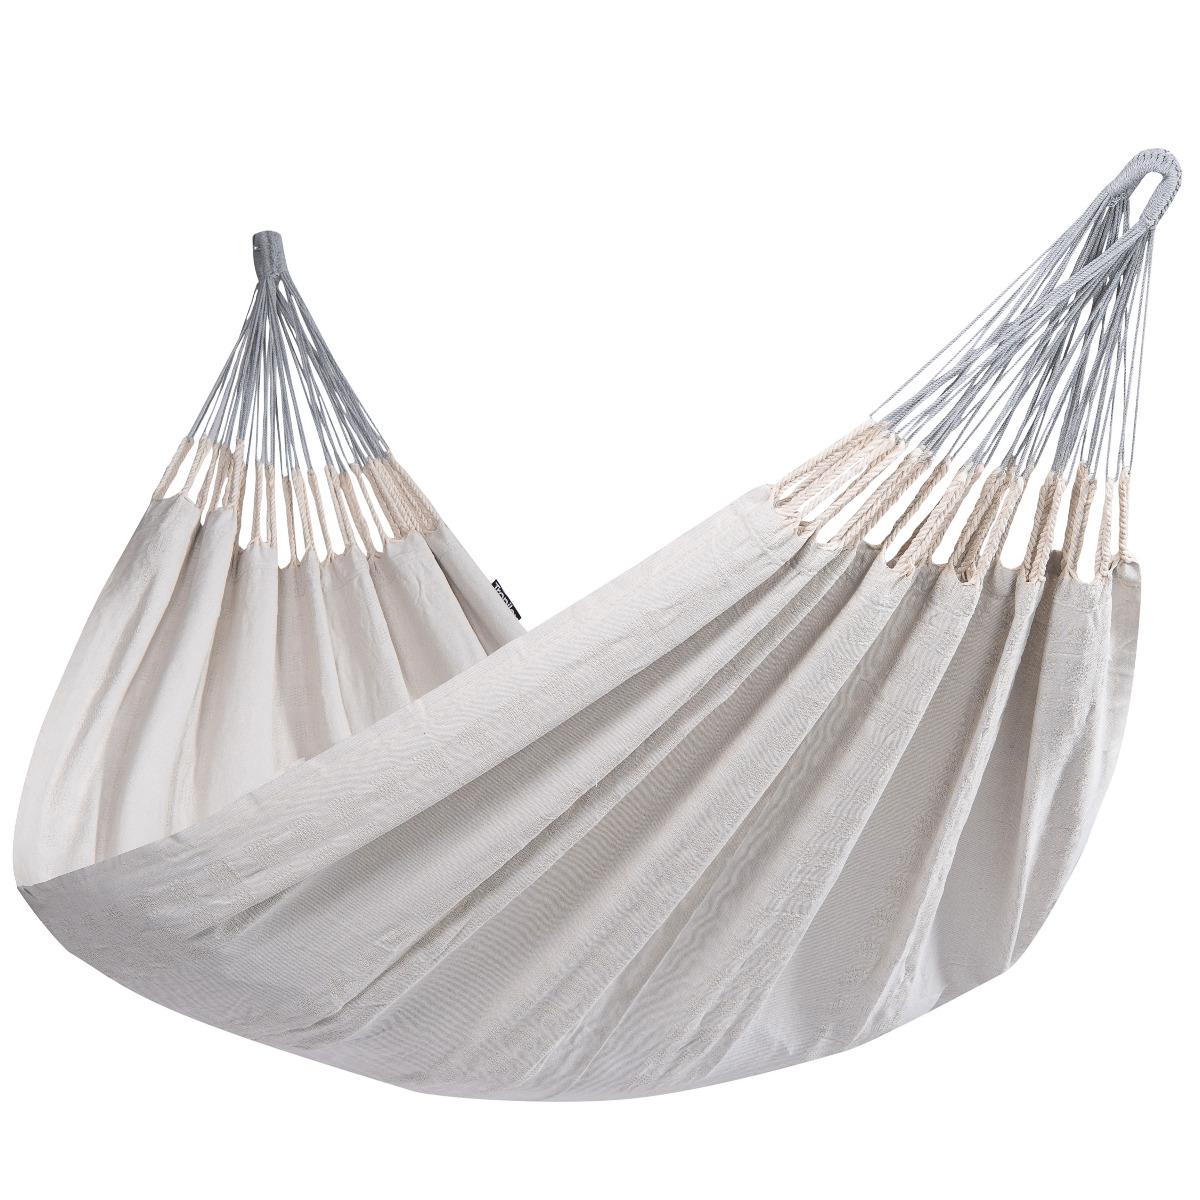 'Comfort' Pearl Tweepersoons Hangmat - Wit - Ecru - Tropilex �